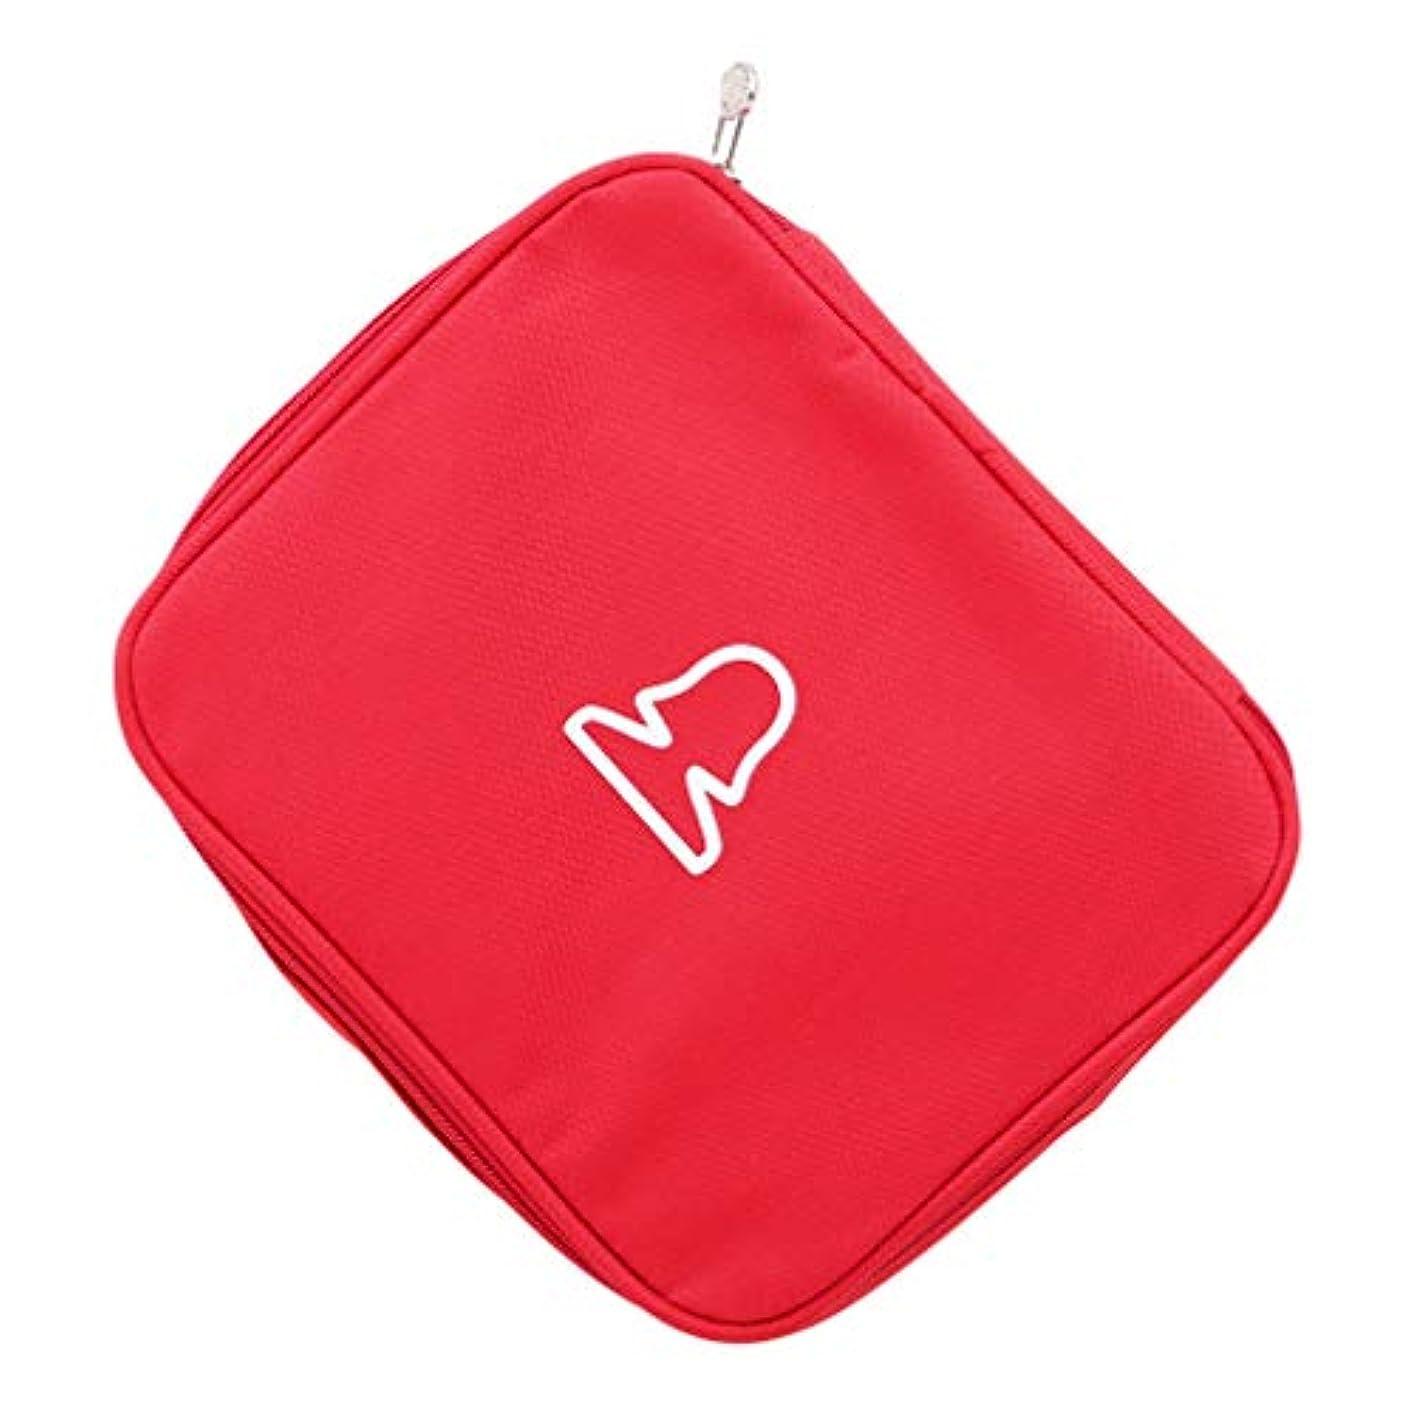 大混乱適切に書誌MARUIKAO ミニ救急箱 メディカルポーチ 応急処置バッグ 携帯用救急箱 常備薬収納 コンパクト 軽量 家庭 学校 旅行